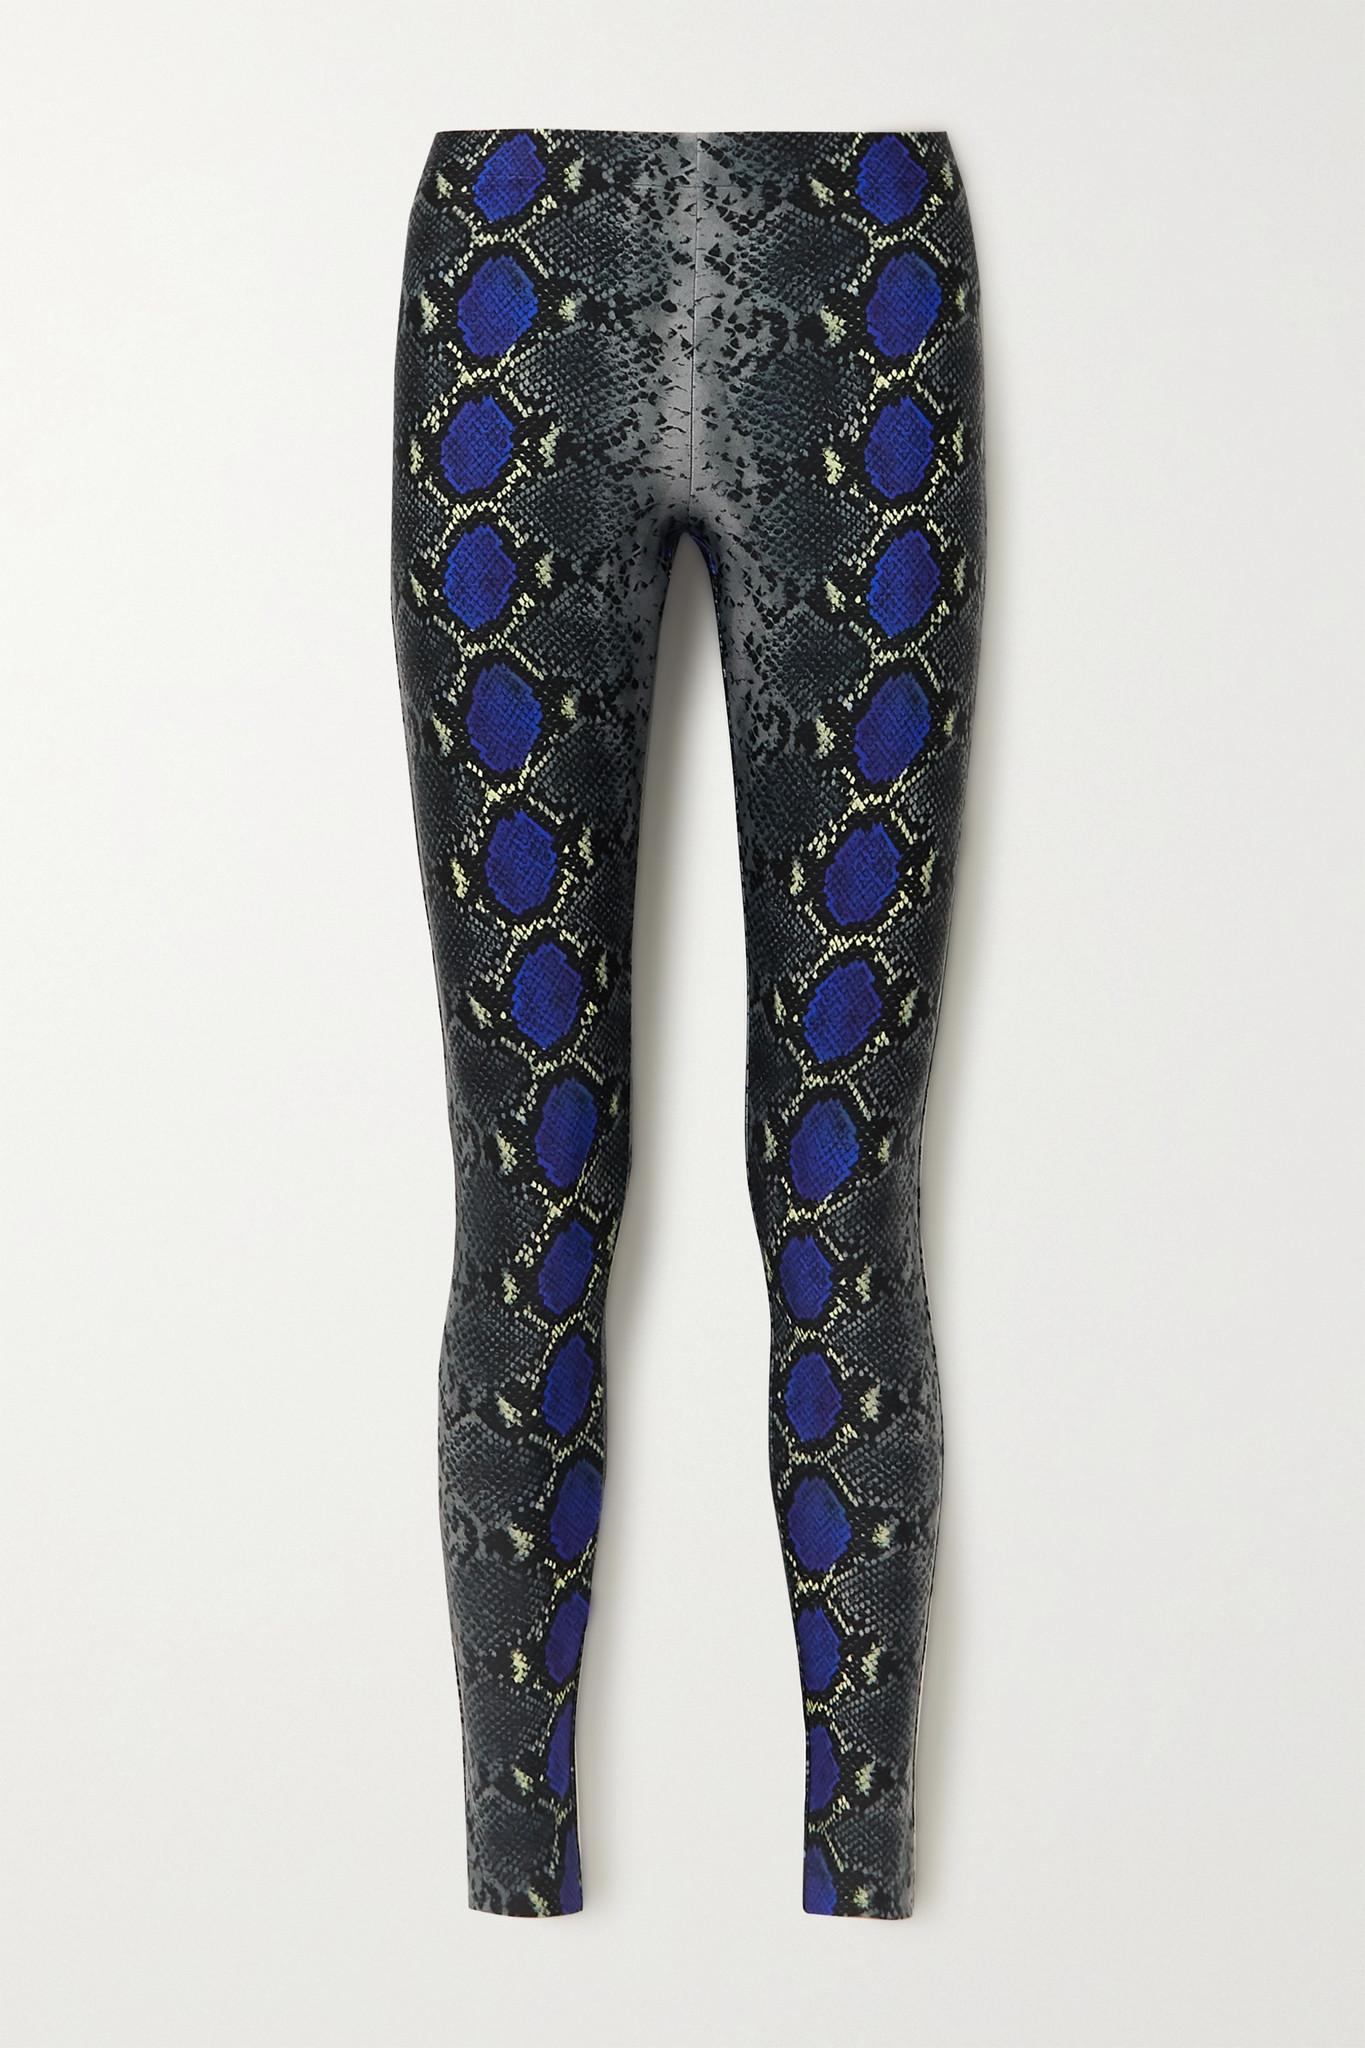 VERSACE - 蛇纹平纹布九分紧身裤 - 黑色 - IT38